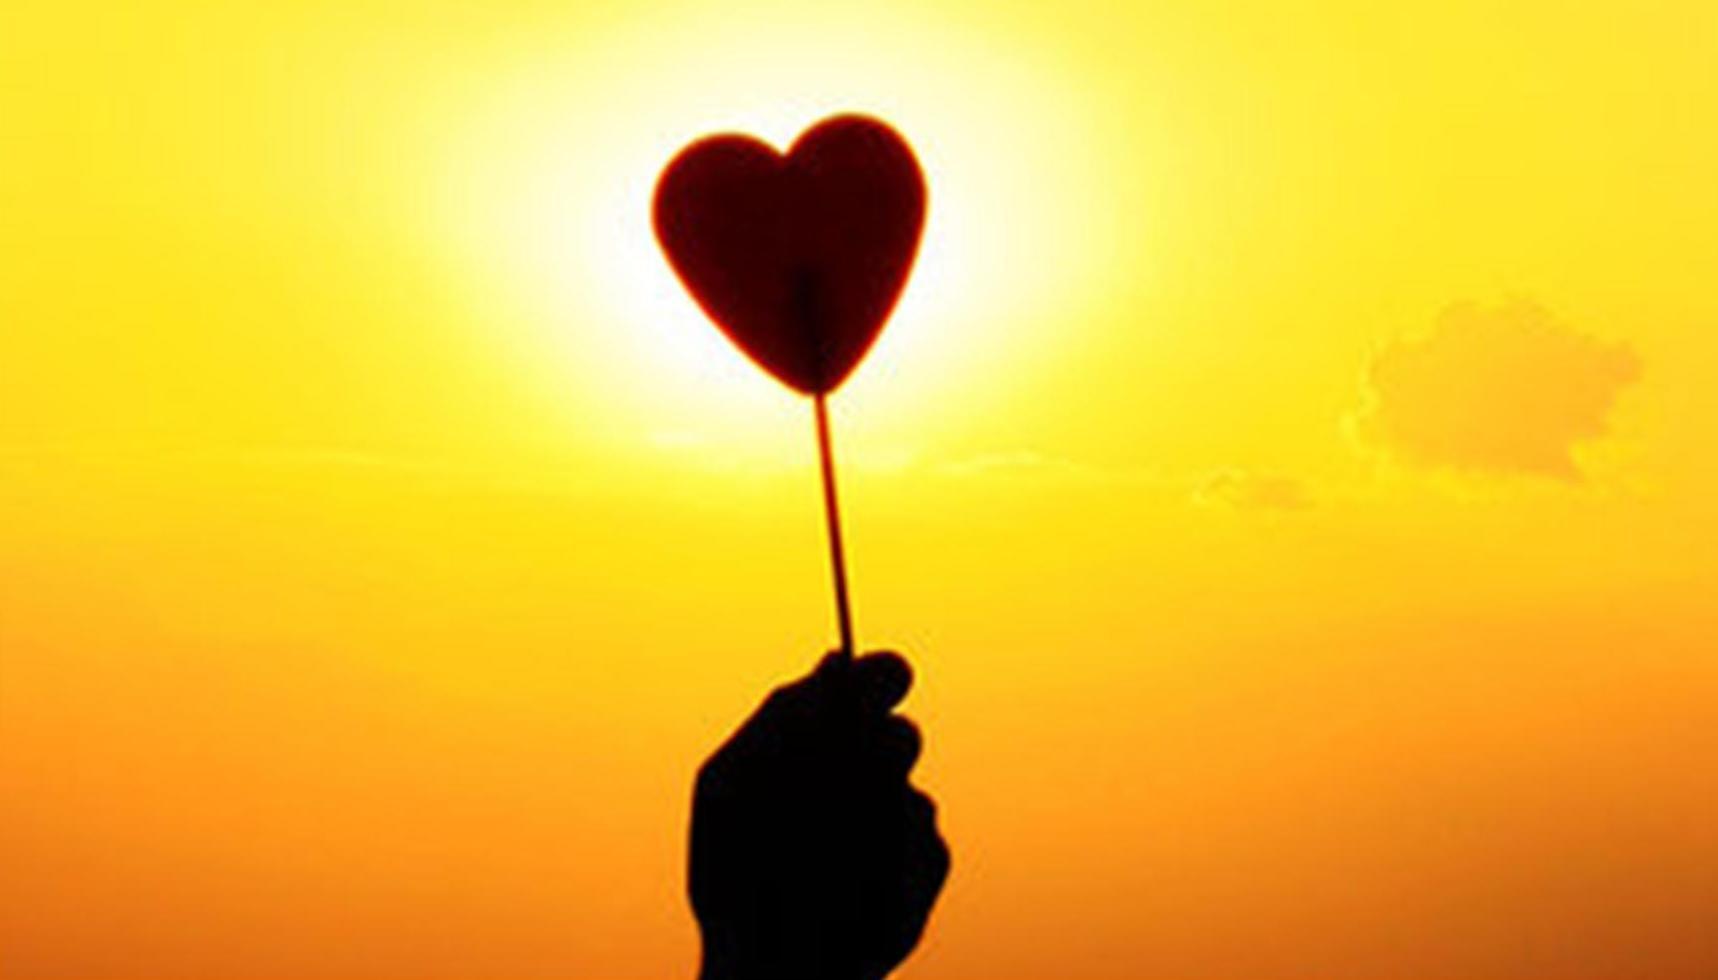 Love Wallpaper Cinta Adalah Suatu Anugrah Terindah Heart